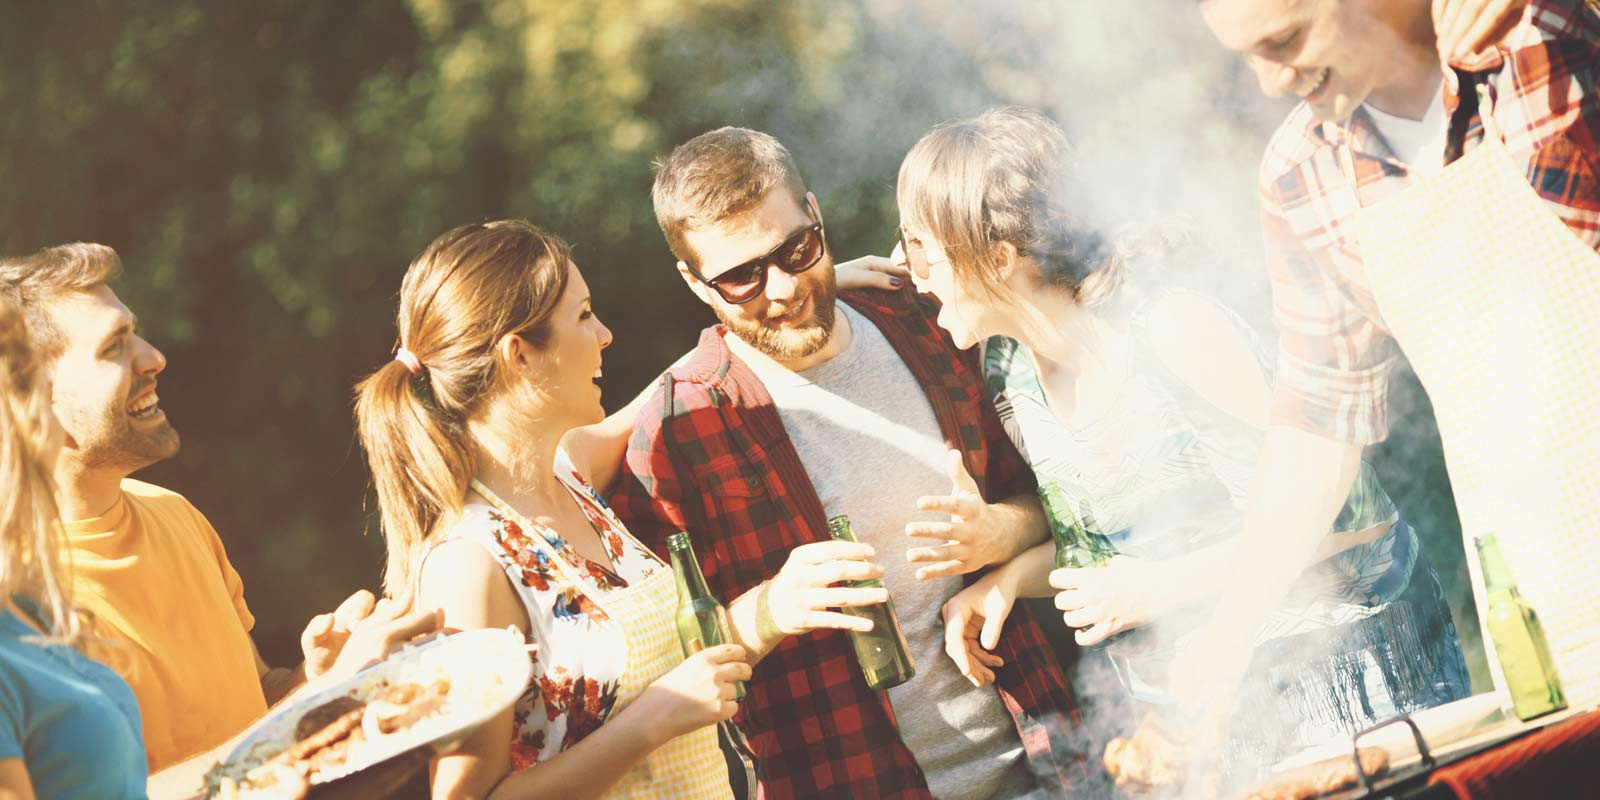 Freunde feiern bei einem BBQ ausgelassen miteinander